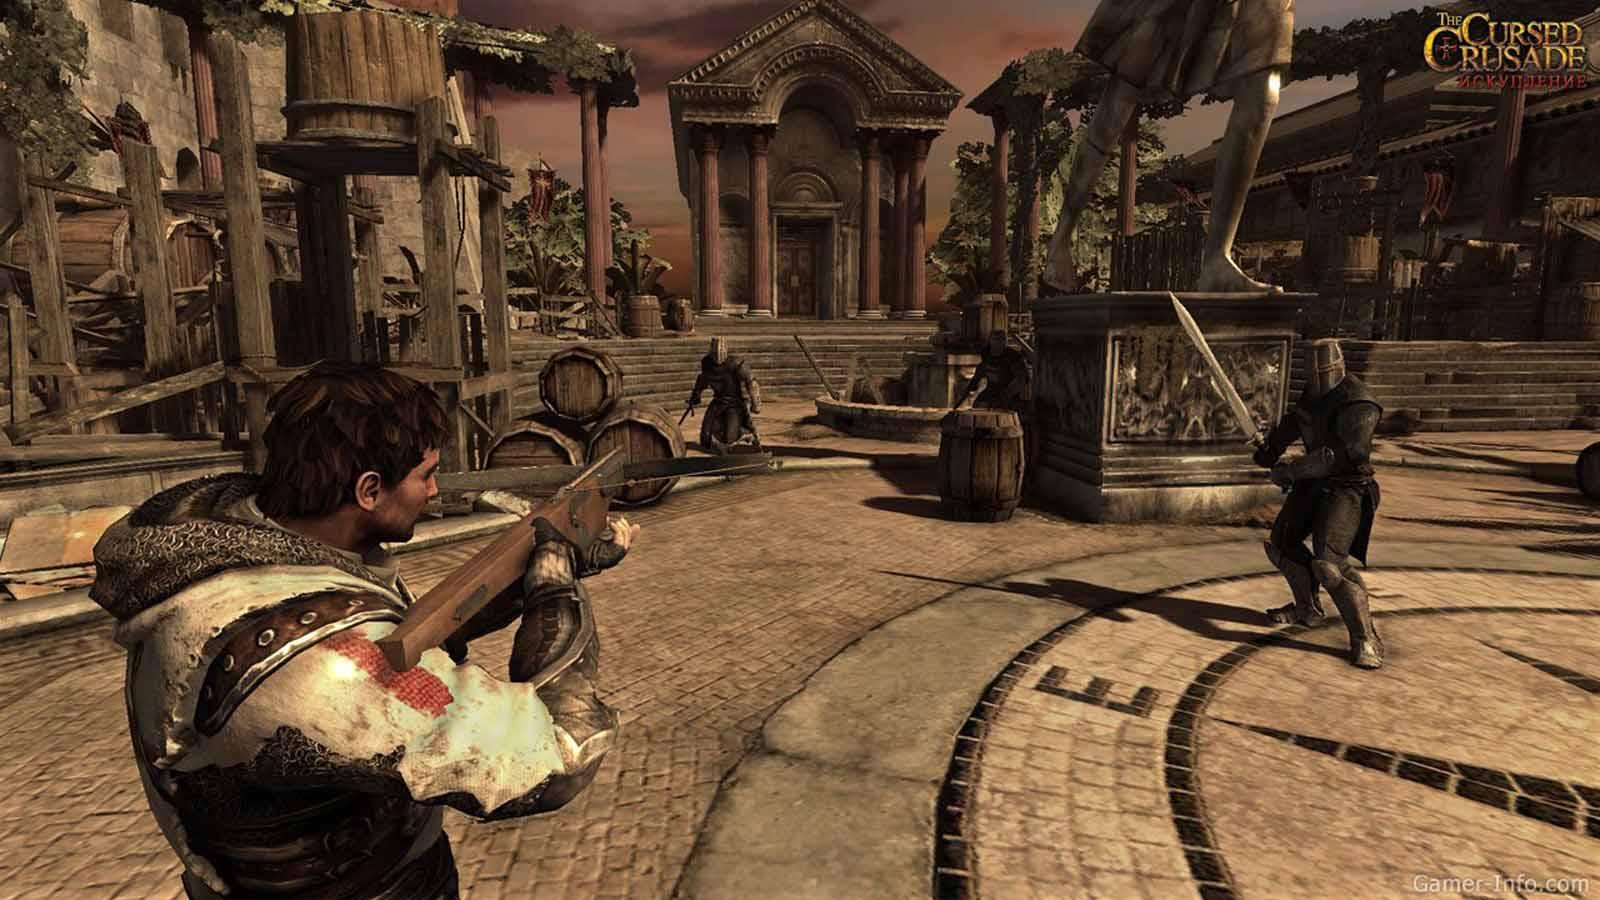 تحميل لعبة The Cursed Crusade مضغوطة برابط واحد مباشر + تورنت كاملة مجانا